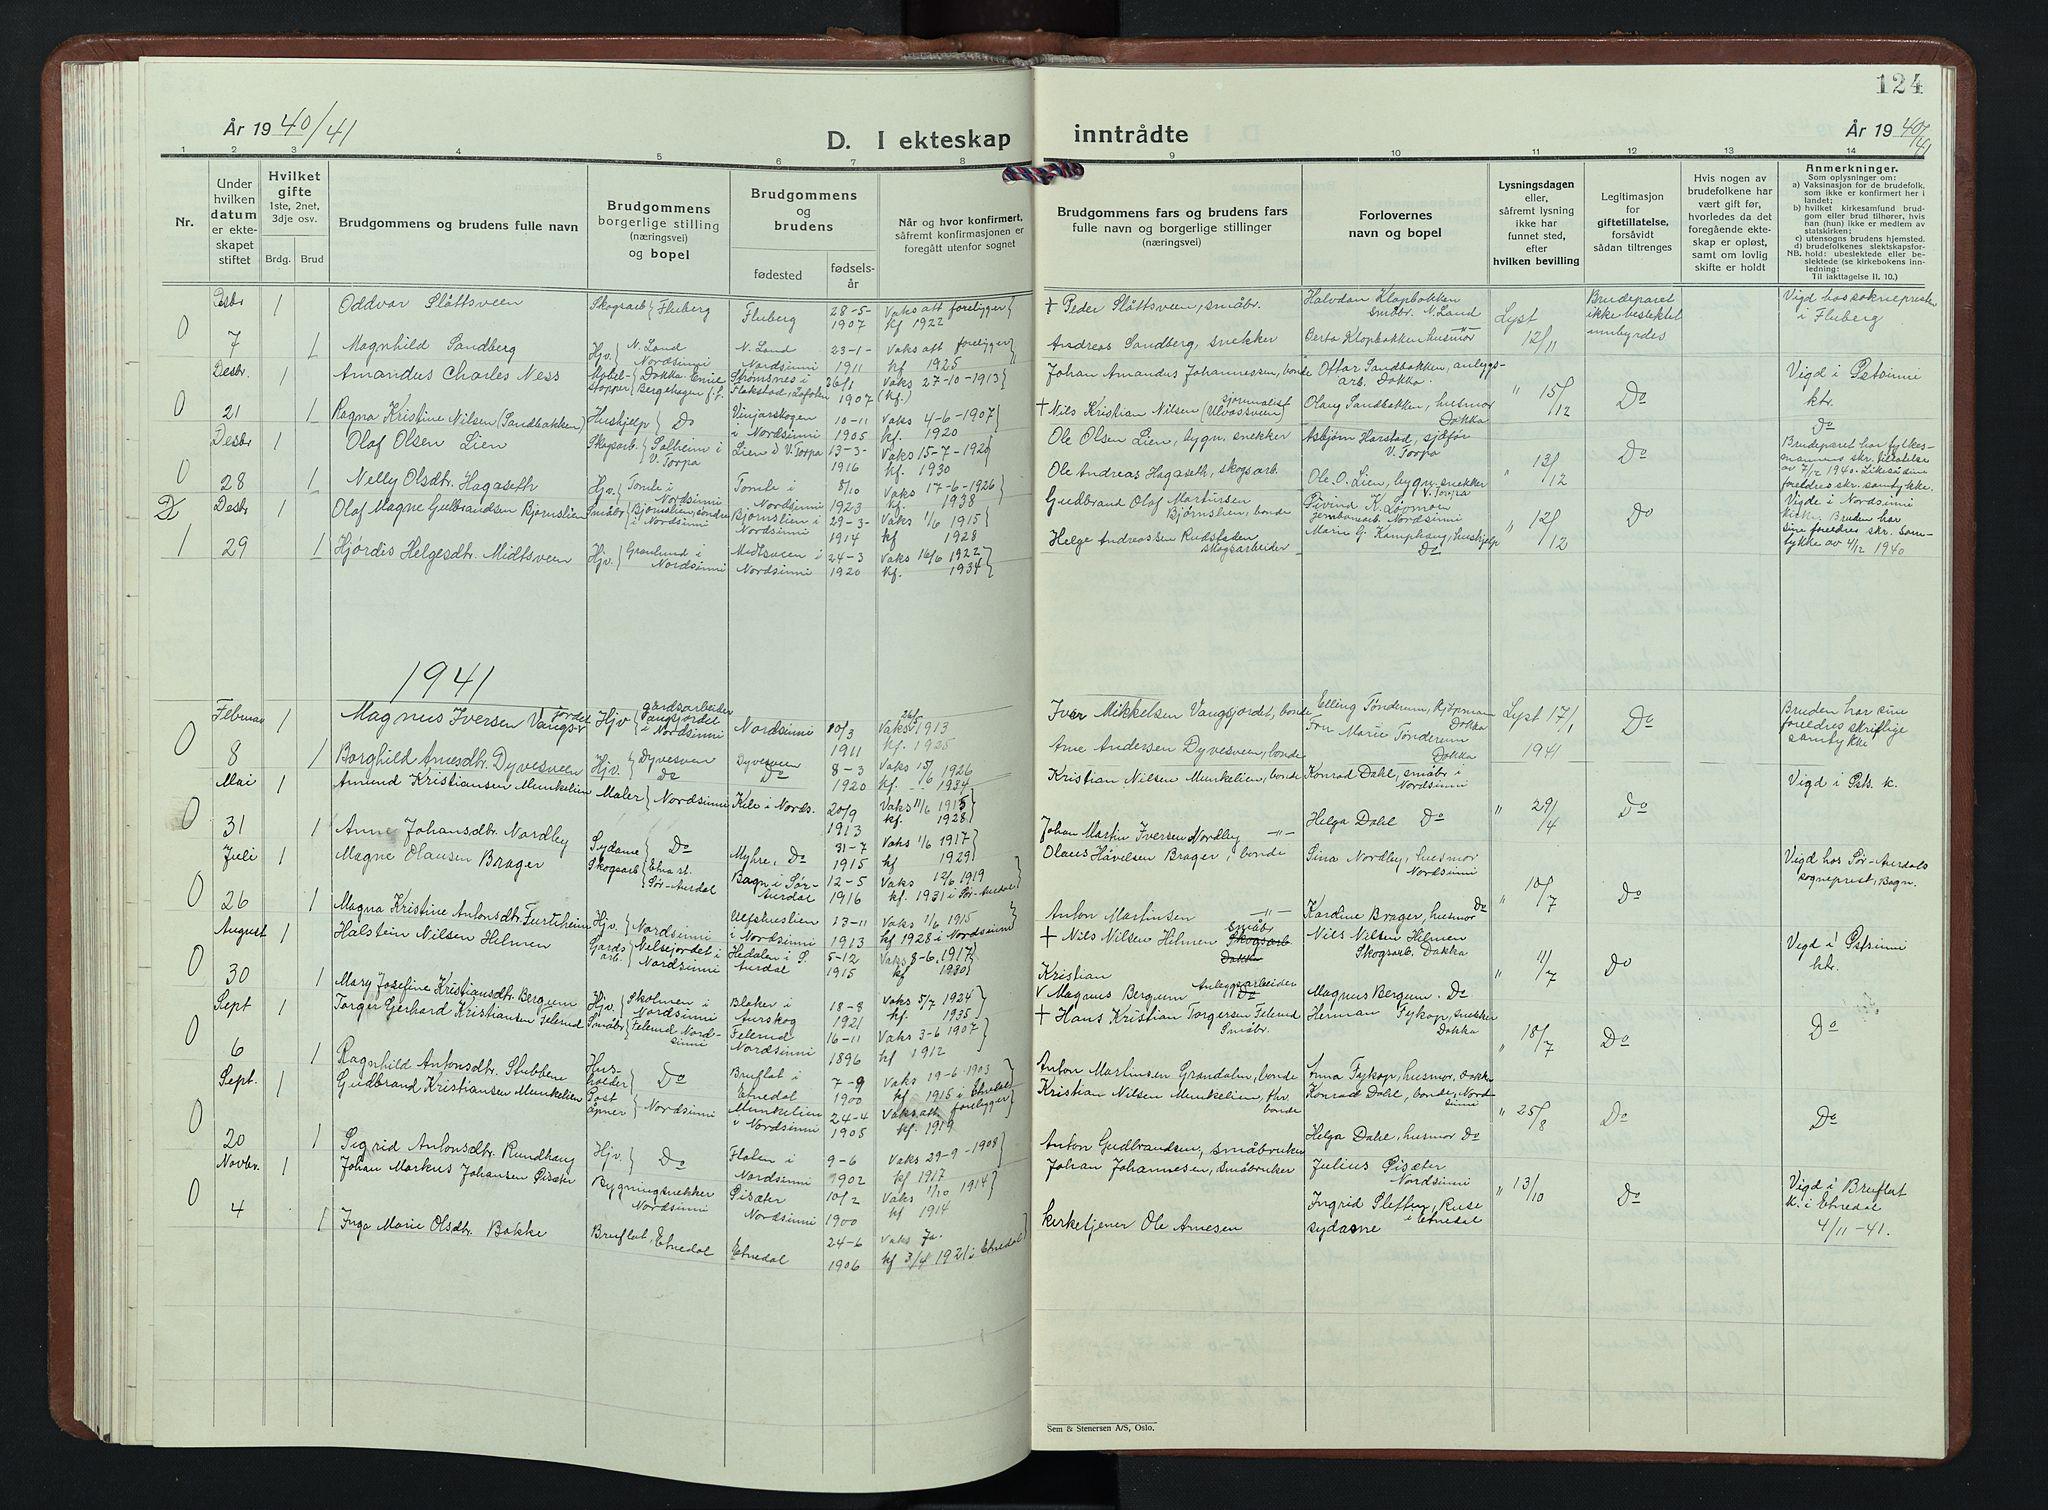 SAH, Nordre Land prestekontor, Klokkerbok nr. 7, 1930-1953, s. 124